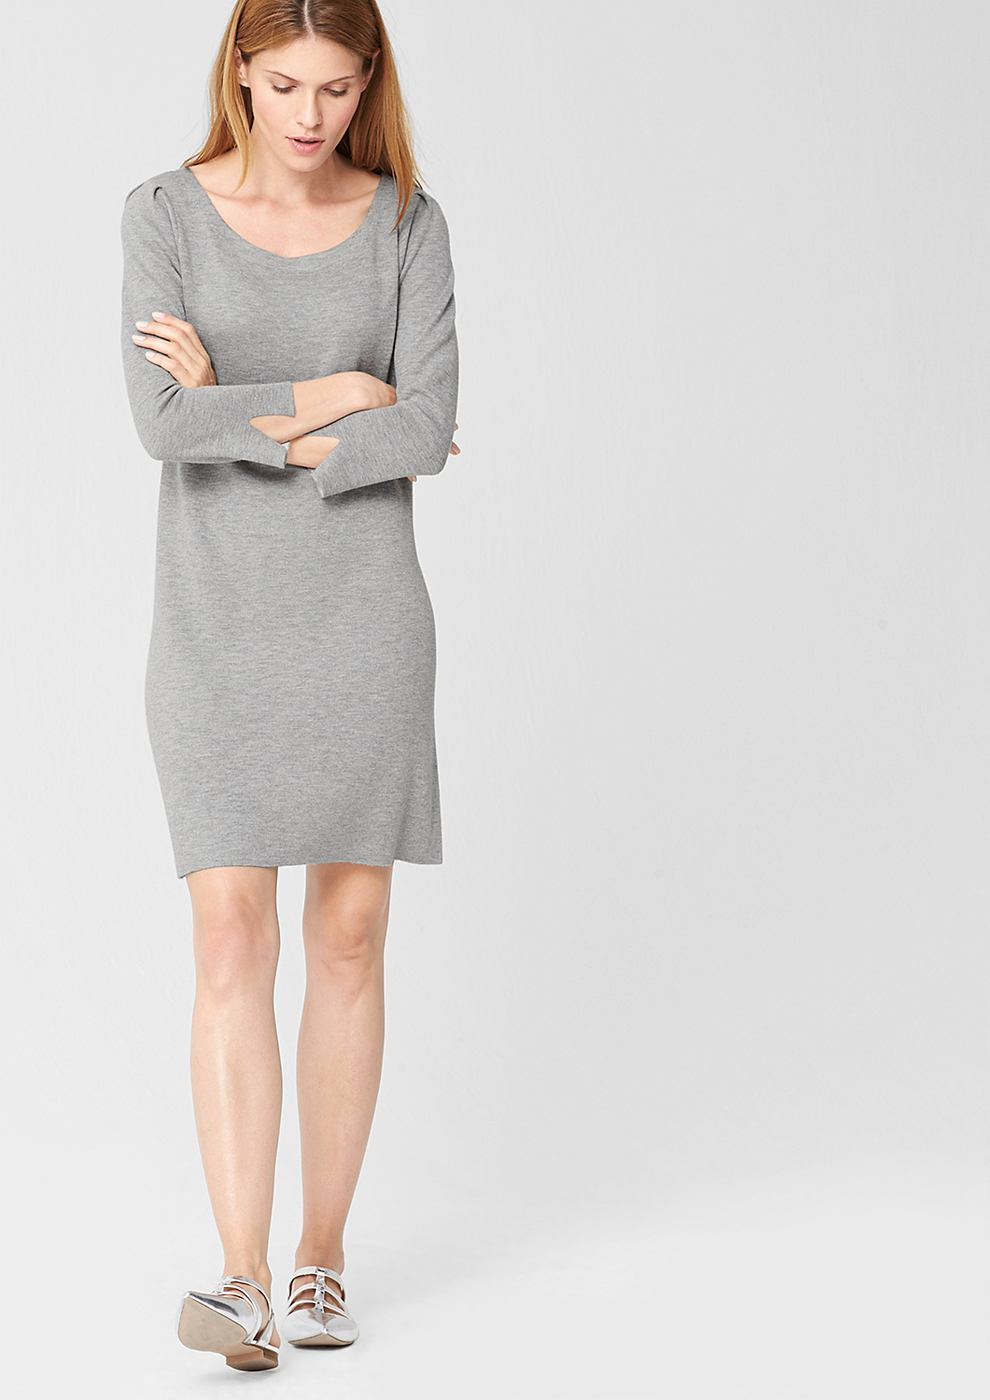 s.Oliver Premium Zachte fijngebreide jurk grijs